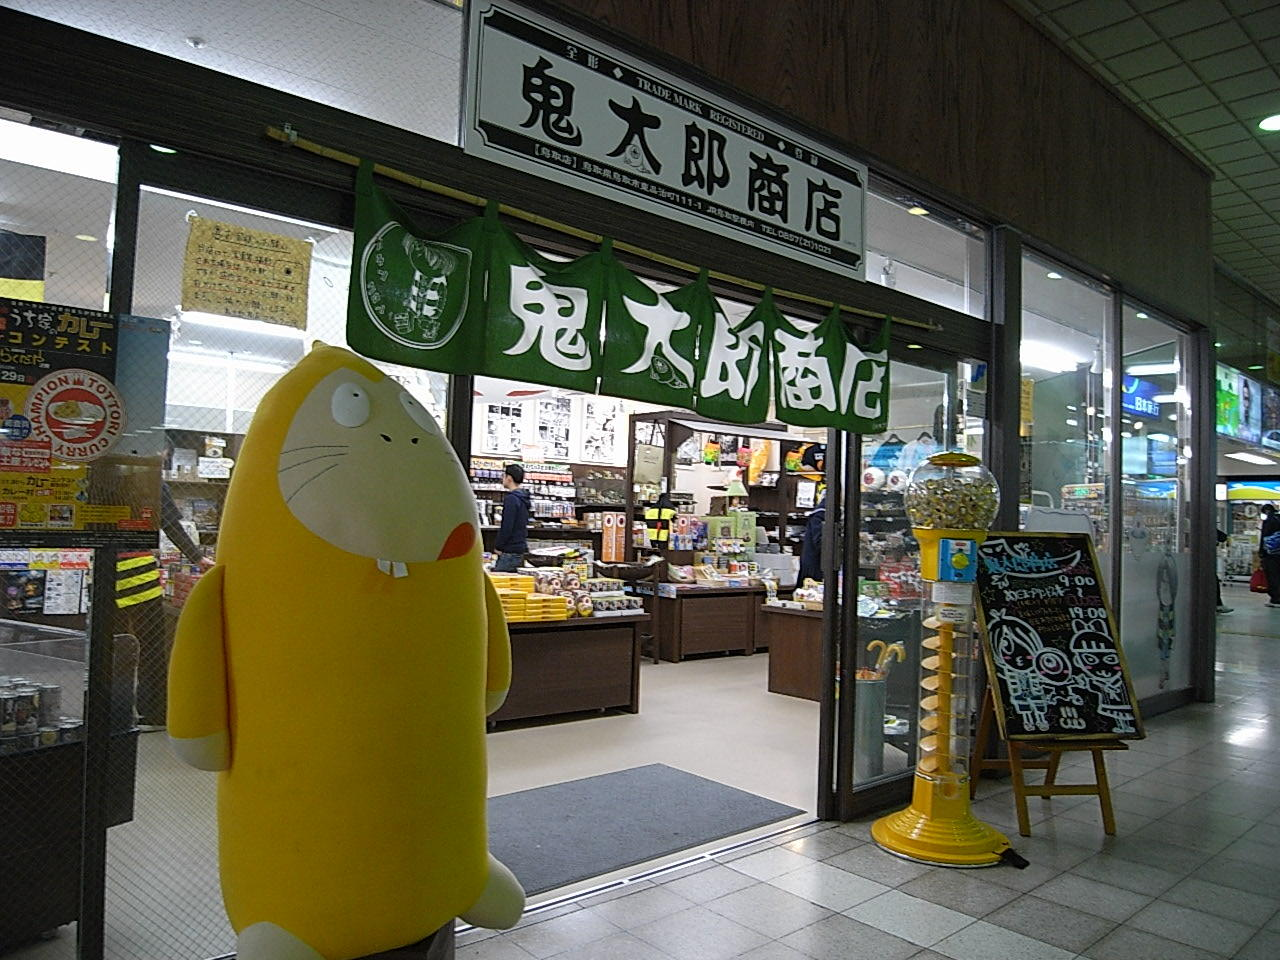 鬼太郎商店?鳥取駅構内?鳥取のお土産に!